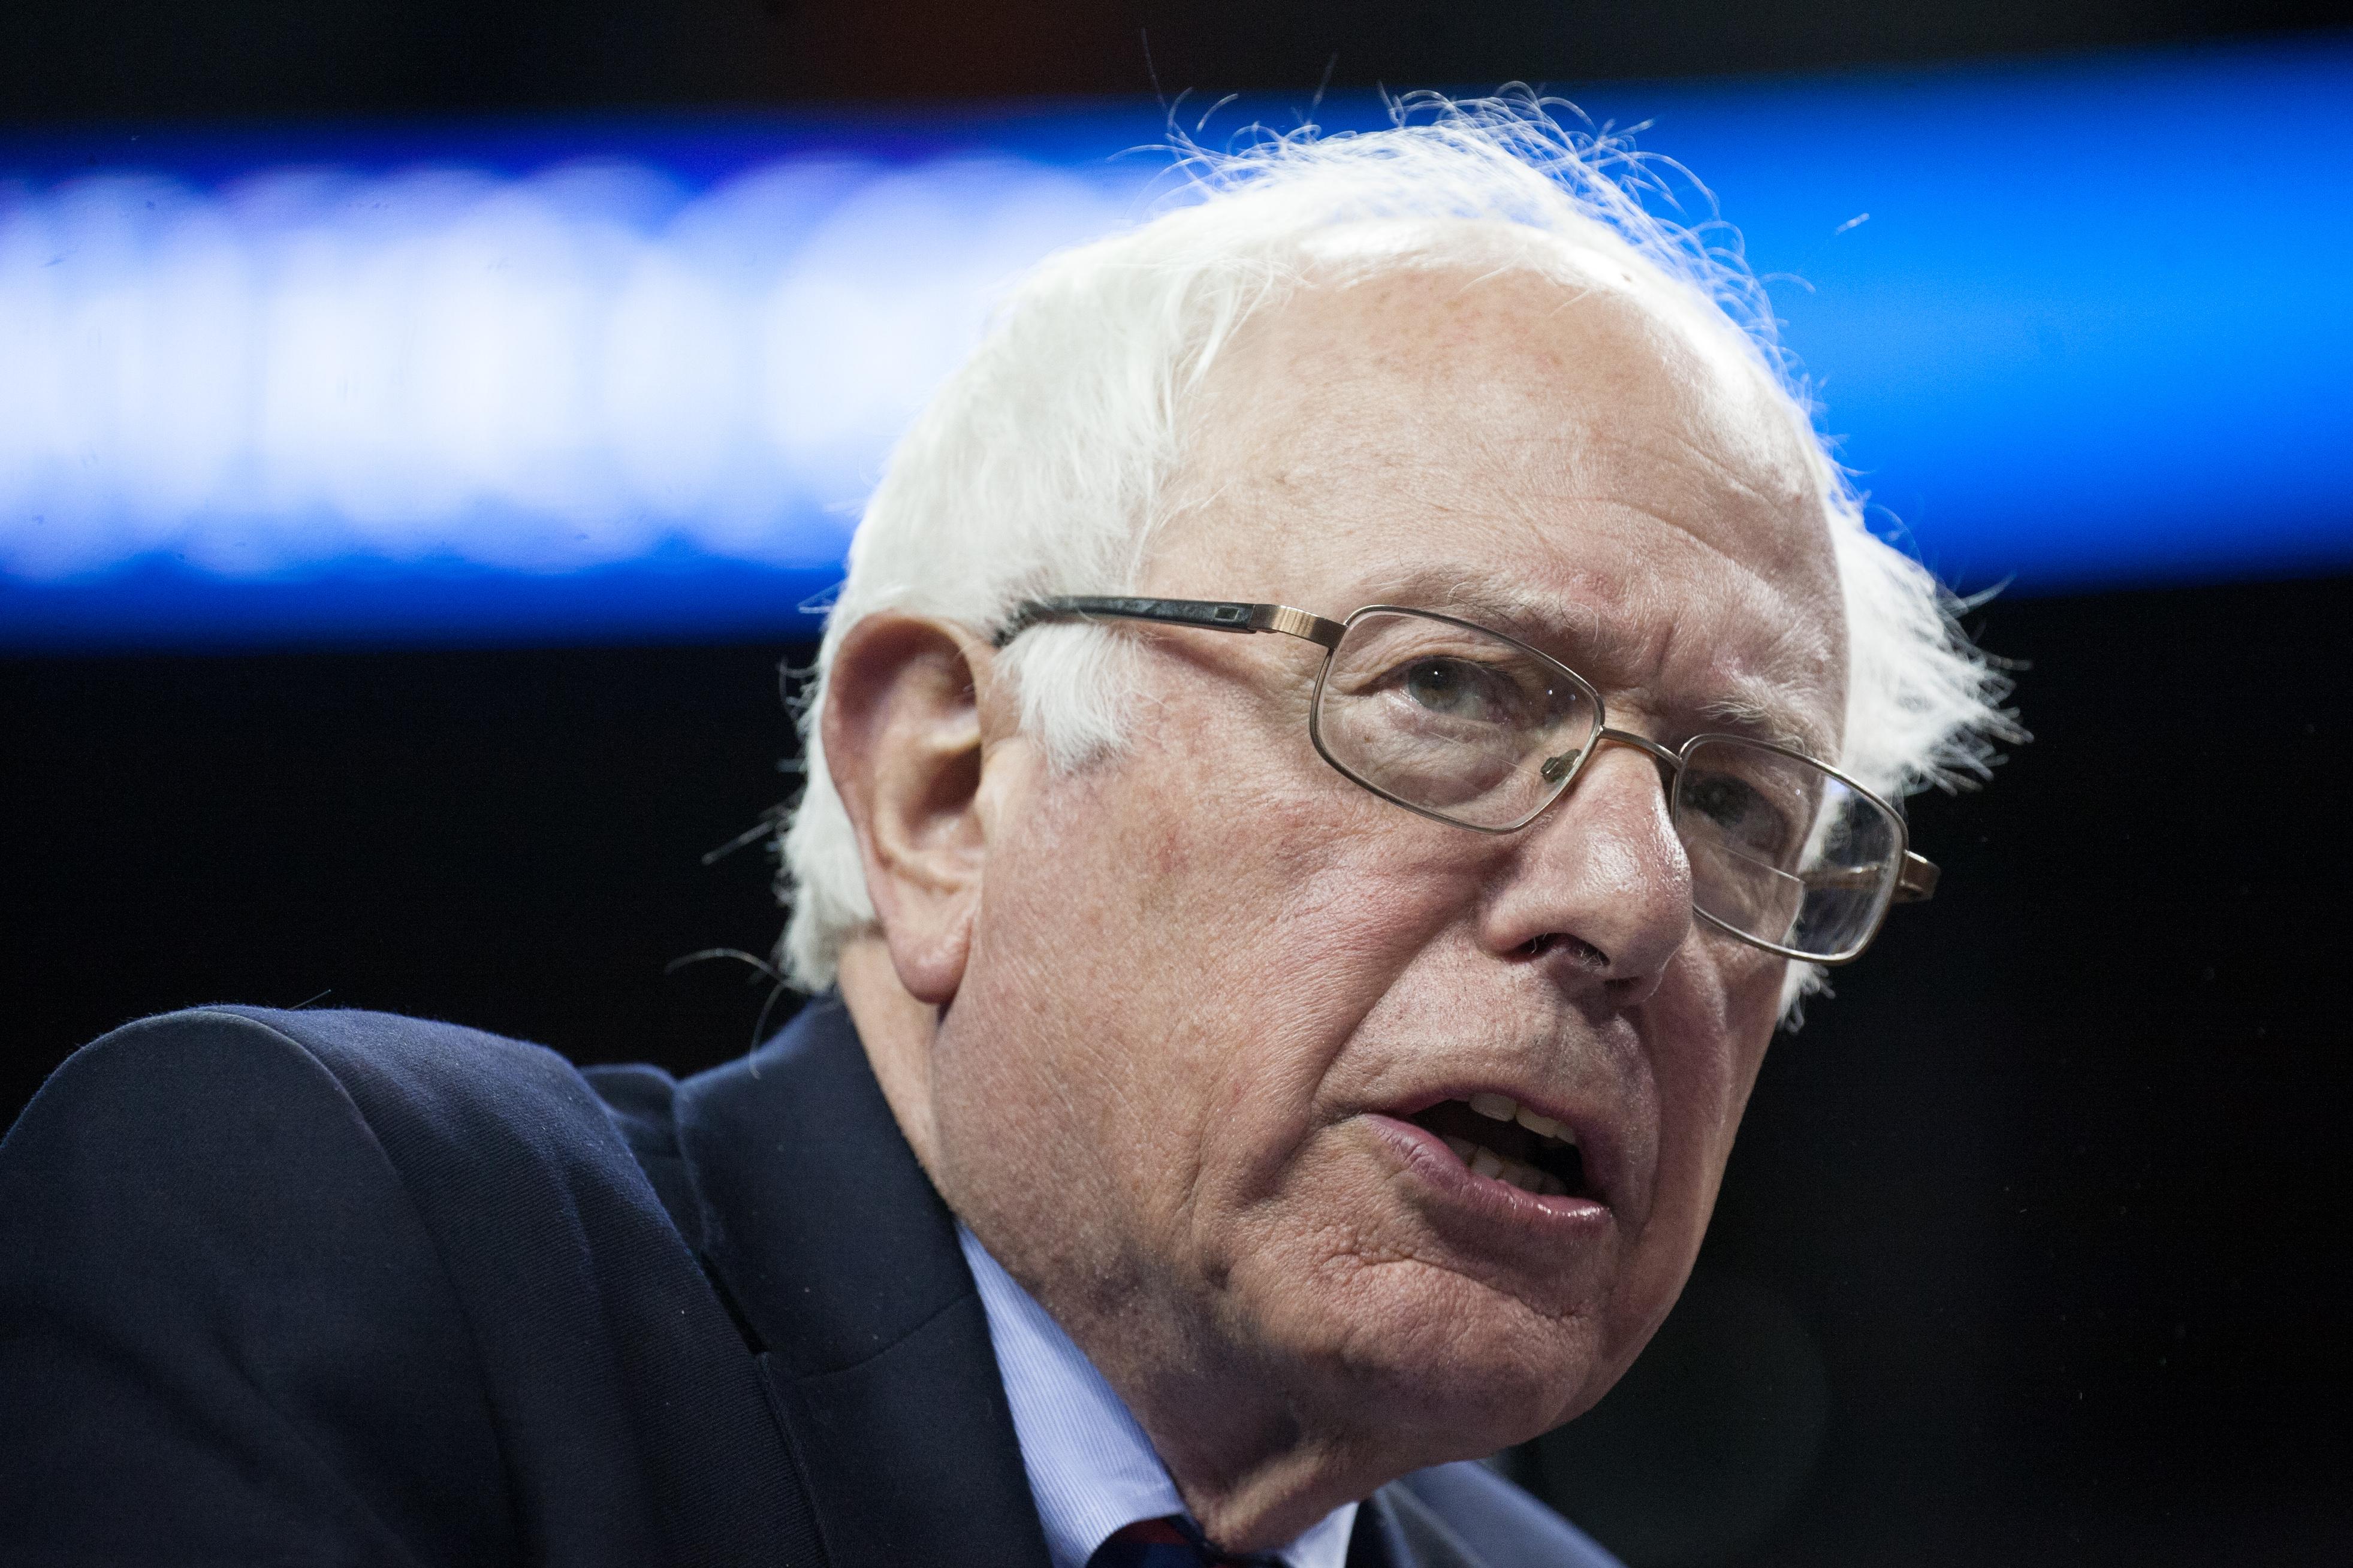 Bernie Sanders speaks to supporters on March 20, 2016 in Seattle, Washington.